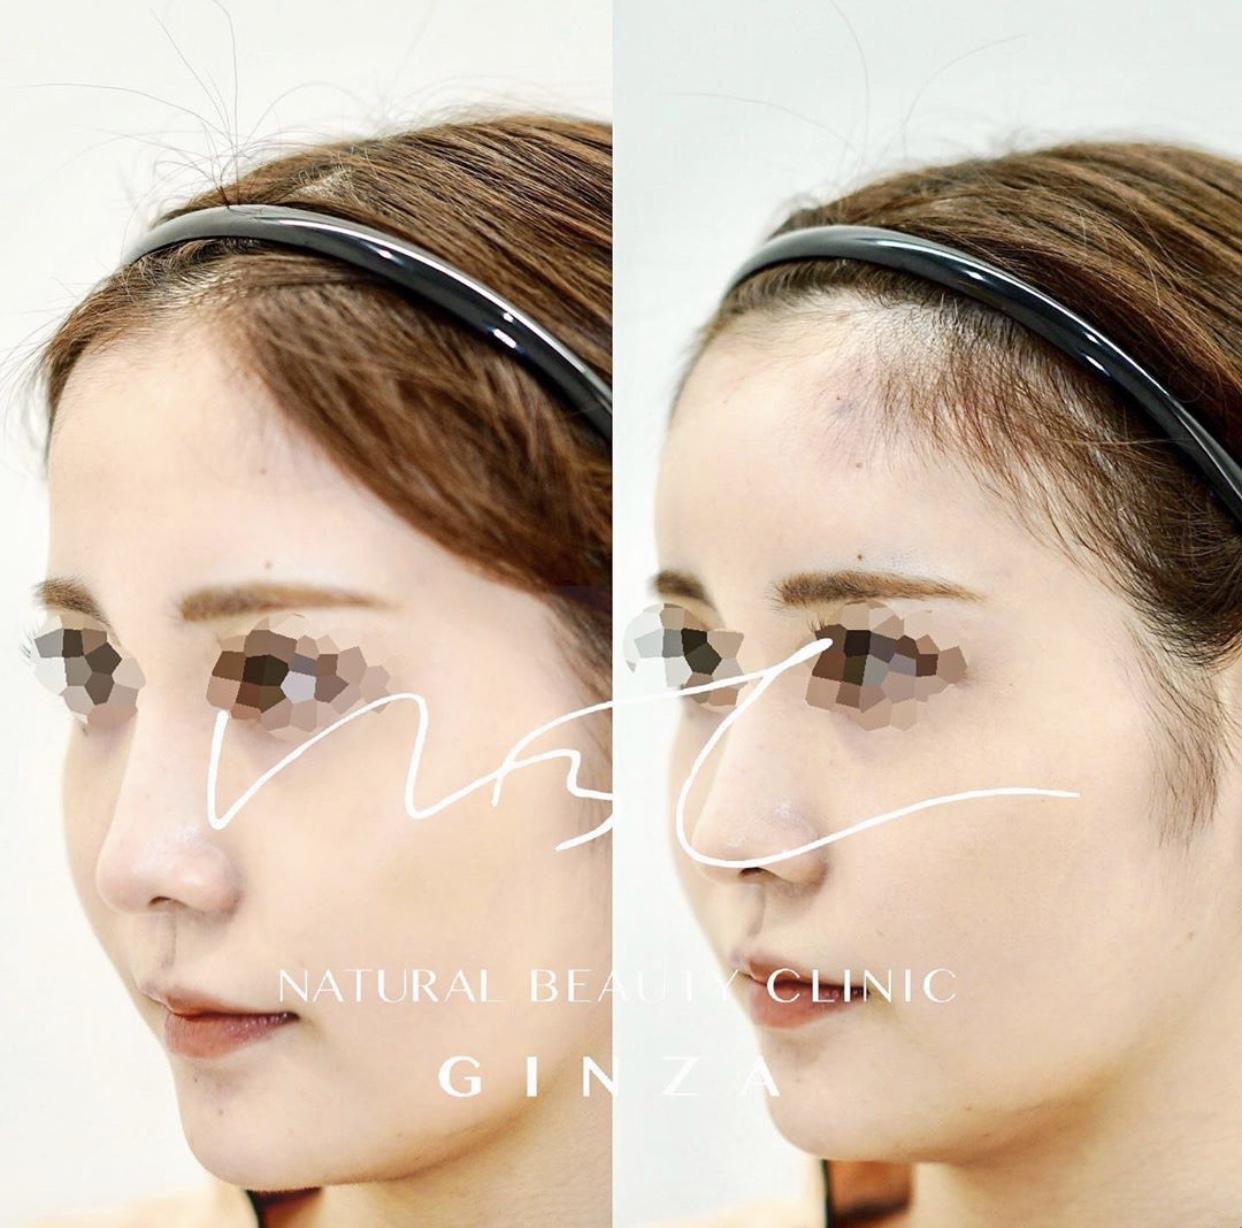 額のヒアルロン酸注入の症例